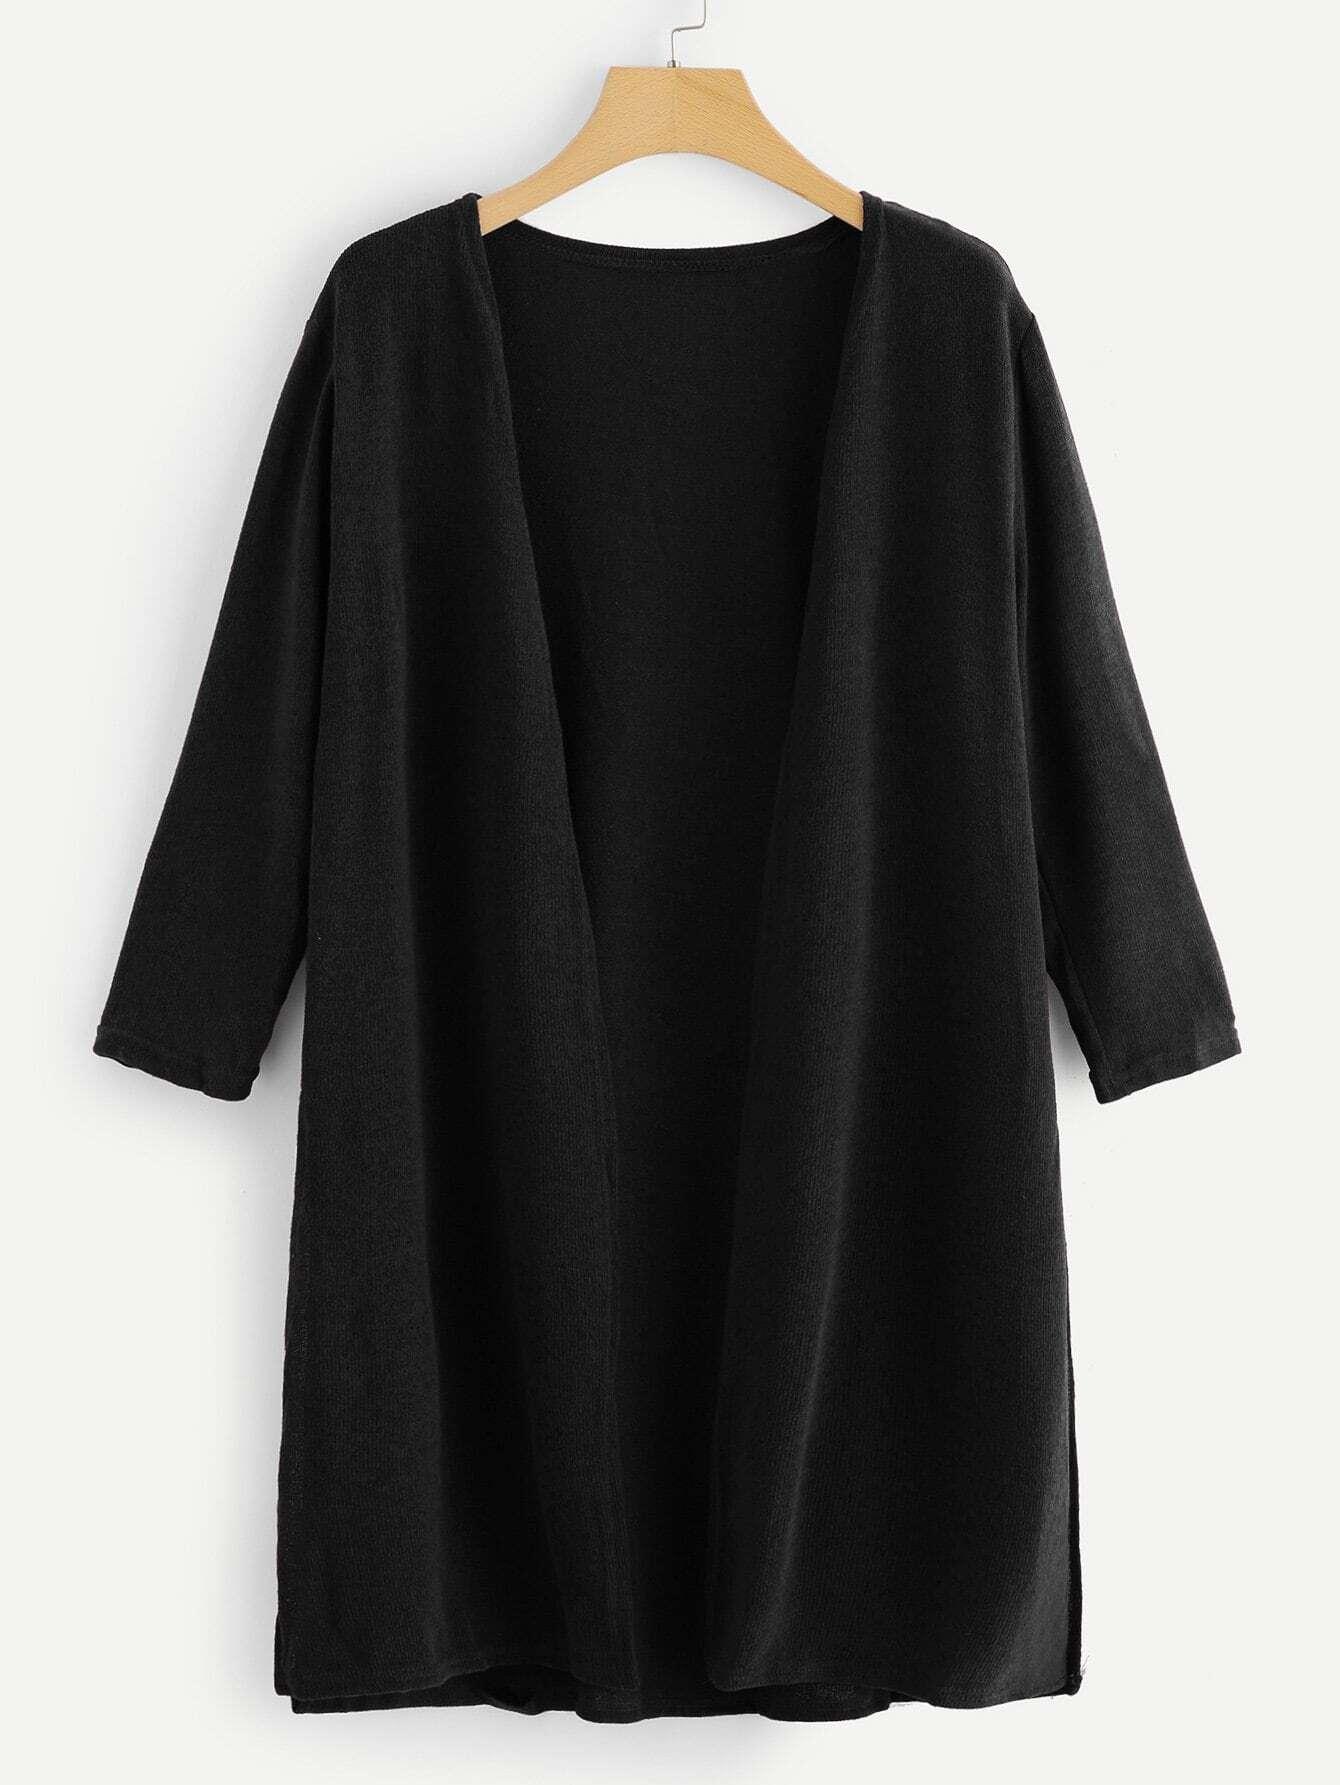 Mantel mit sehr tief angesetzter Schulterpartie und Seitenschlitz